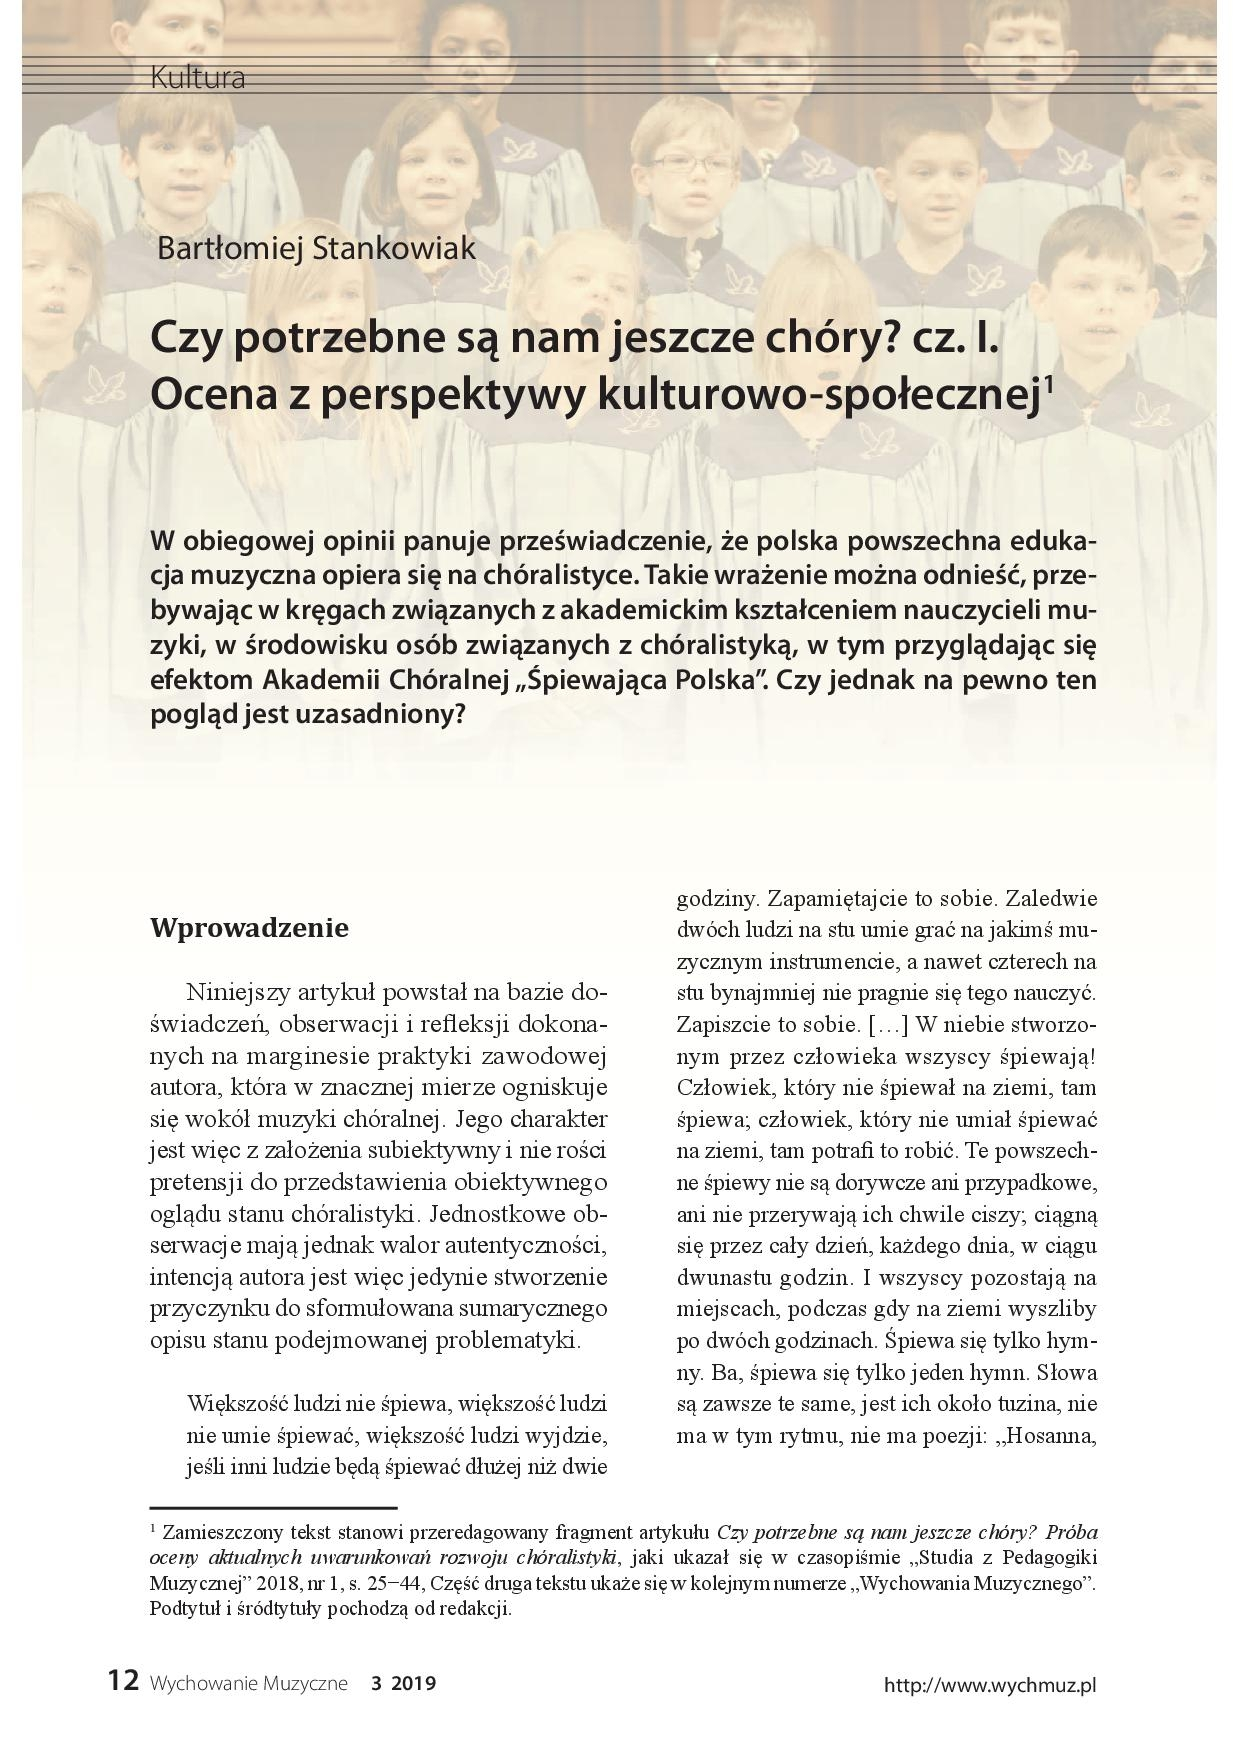 Czy potrzebne są nam jeszcze chóry? cz. I. Ocena z perspektywy  kulturowo-społecznej